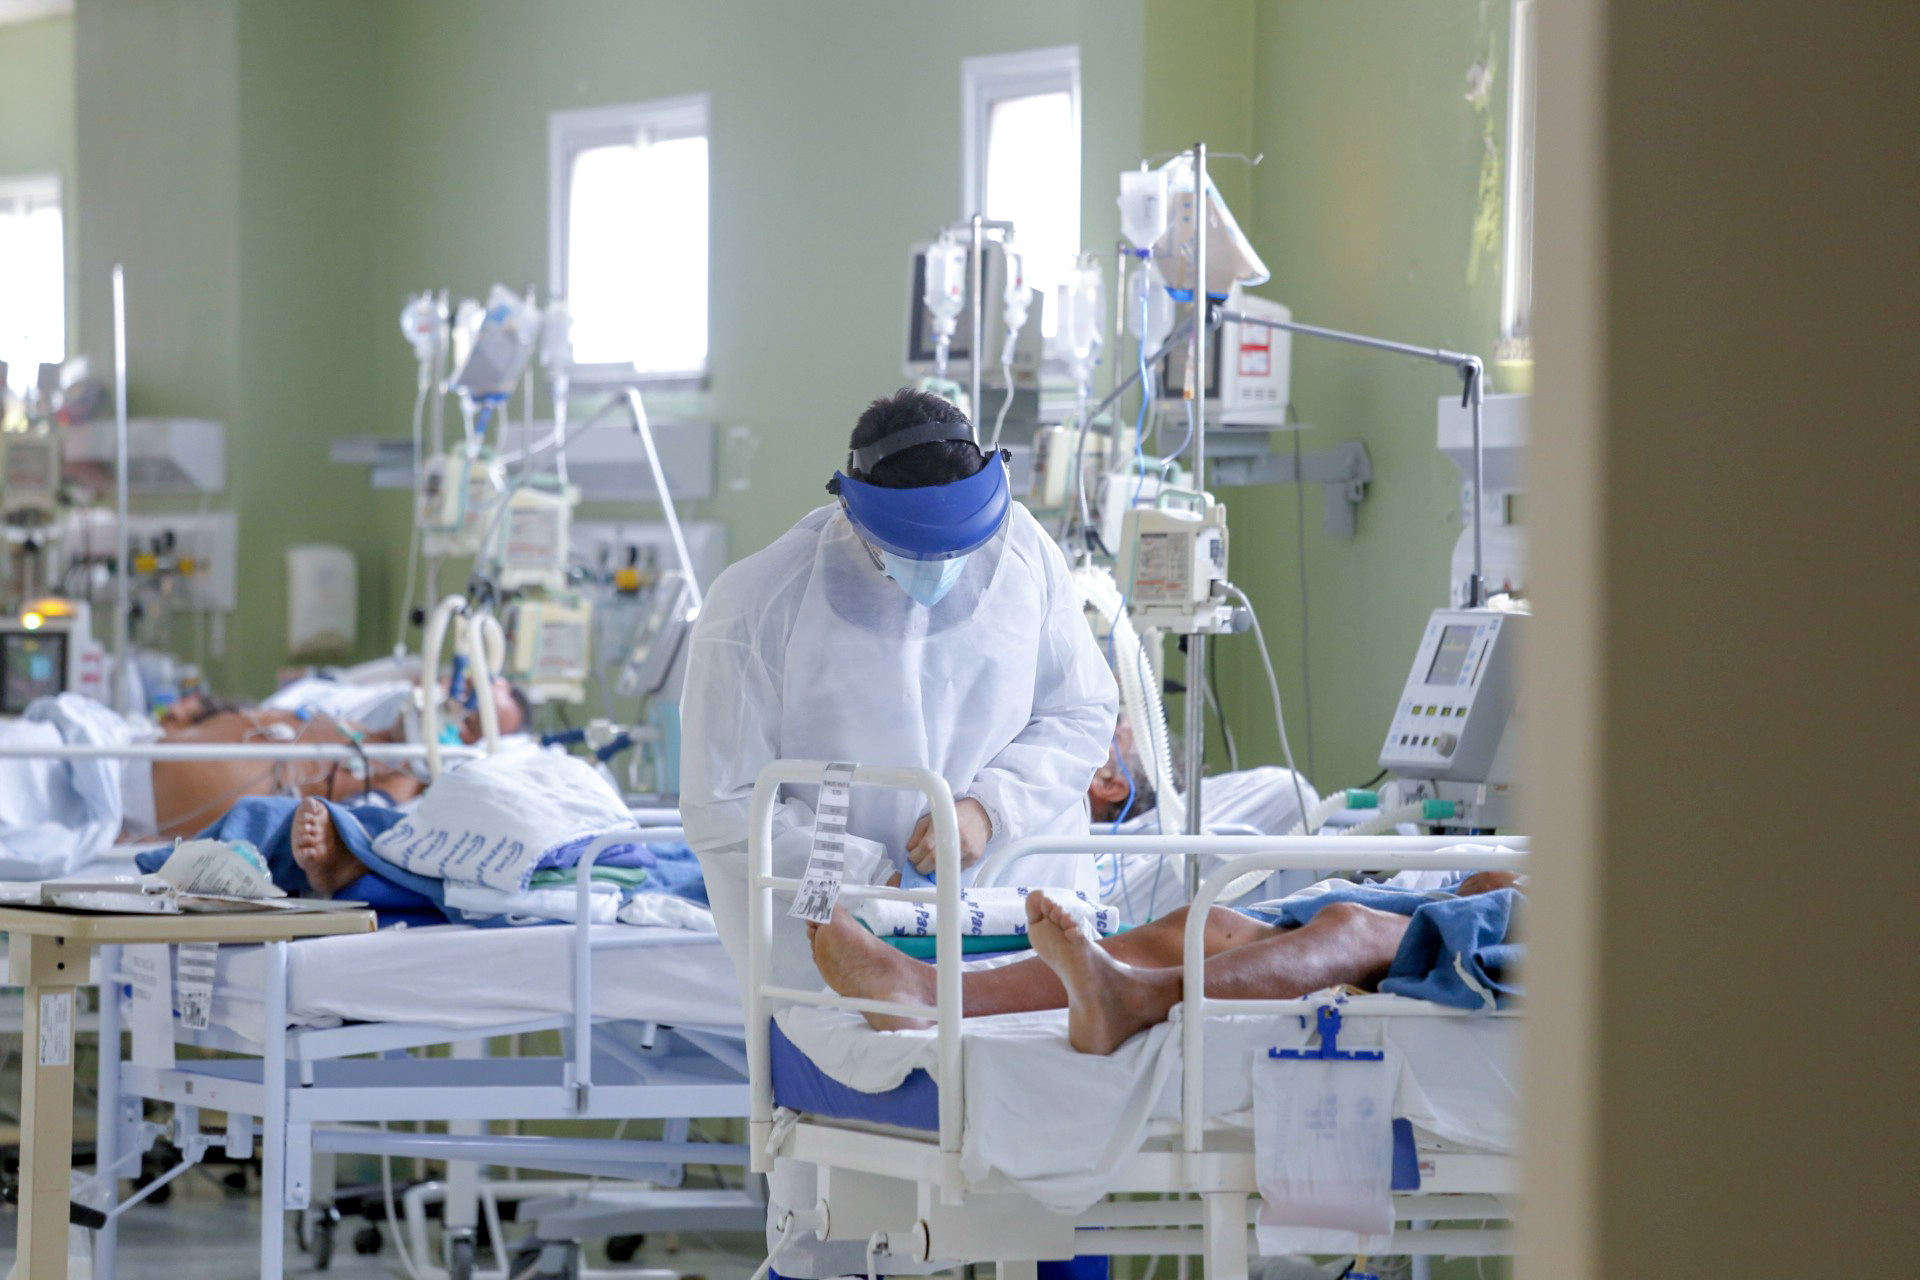 Leitos de UTI para pacientes da Covid-19 do Hospital Regional Norte no Ceará